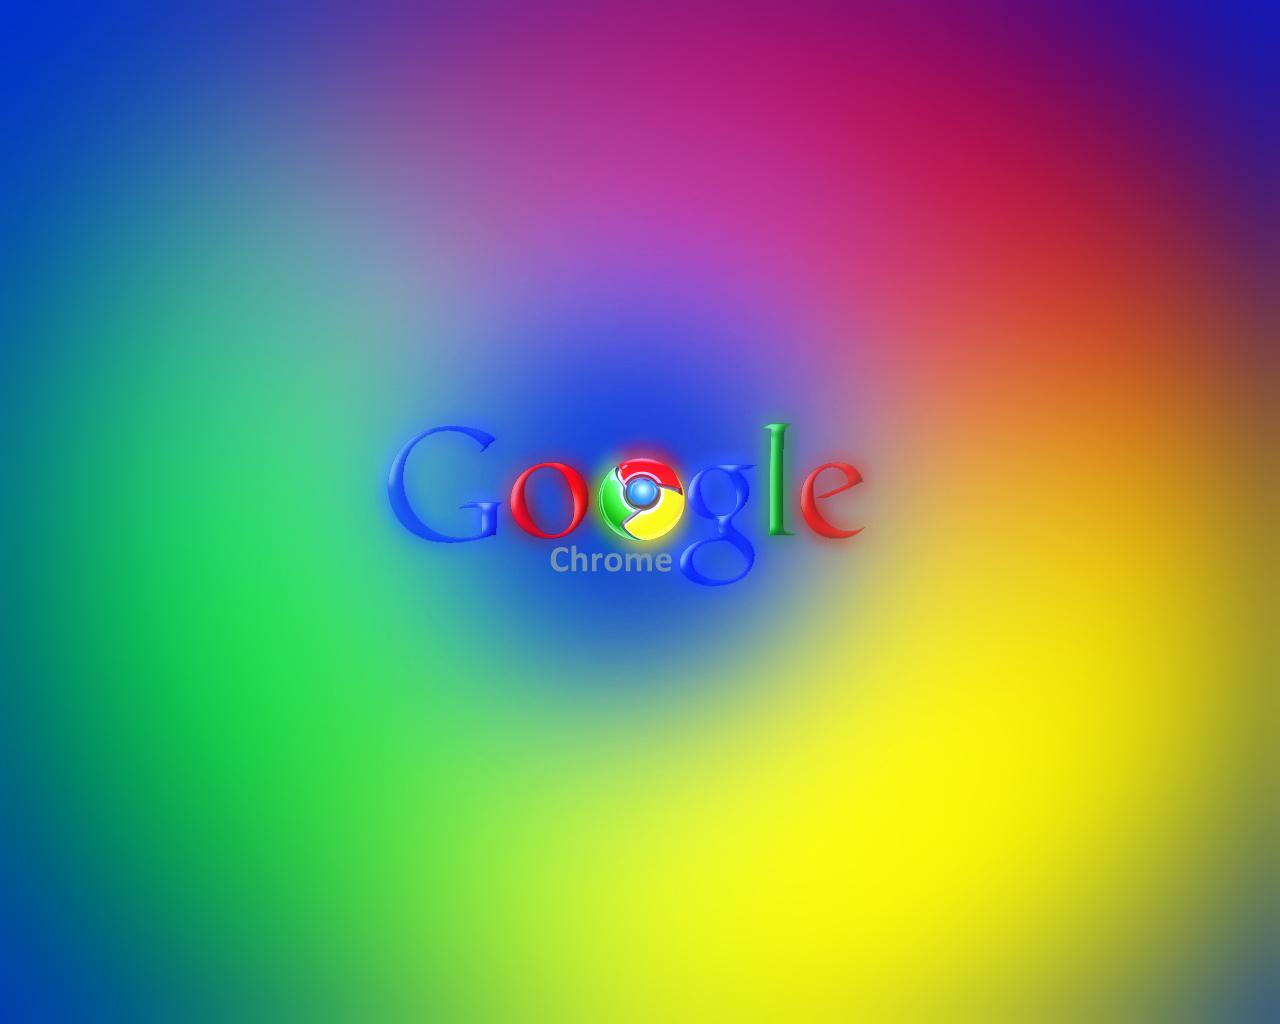 Free Google Wallpapers Goole Wallpaper 2528free Desktop Backgroundblogspot2529